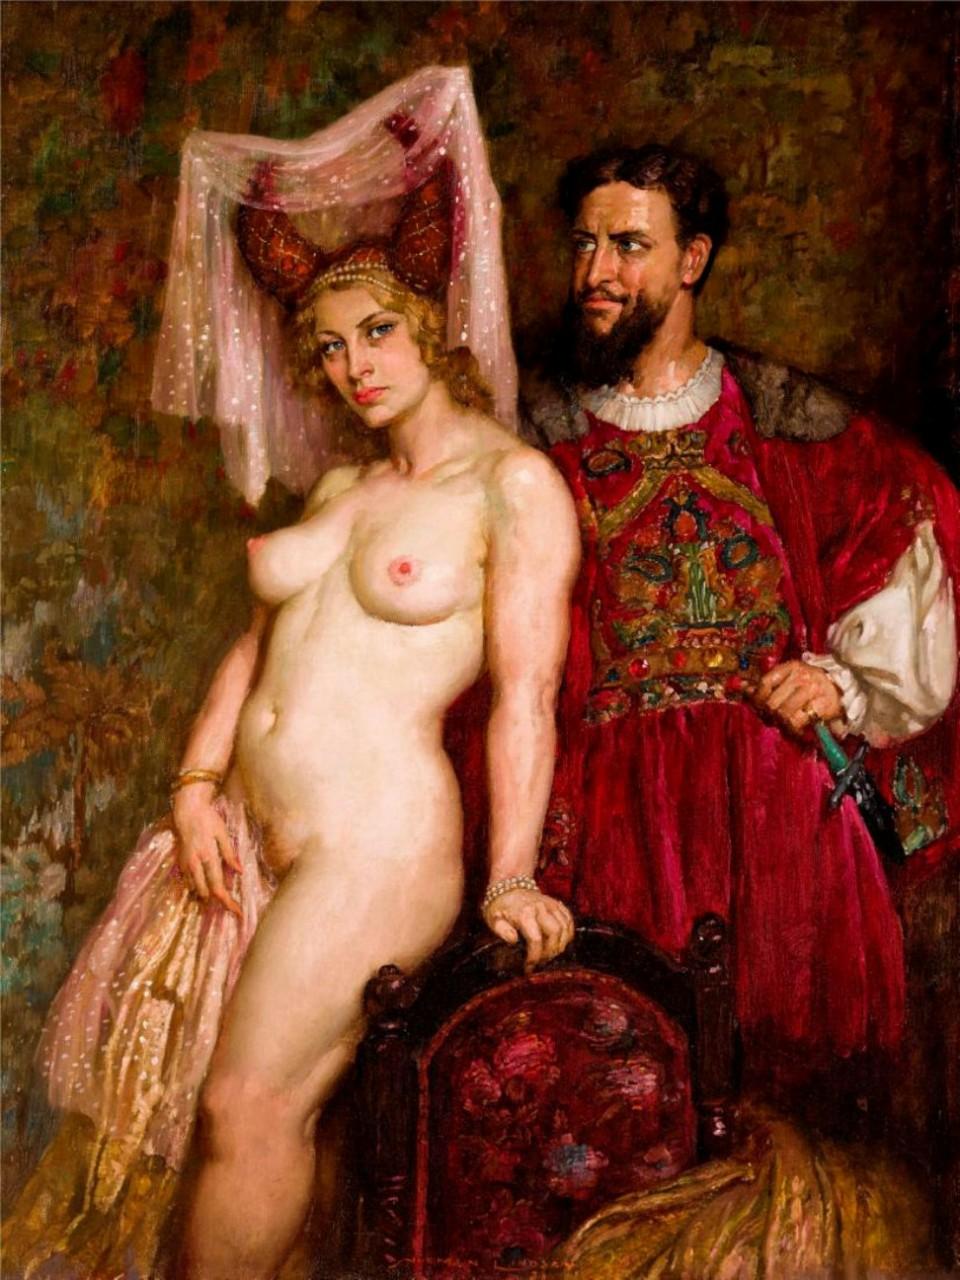 Прелестные нимфы, козлоногие обольстители и демоны в картинах Нормана Линдсея 72